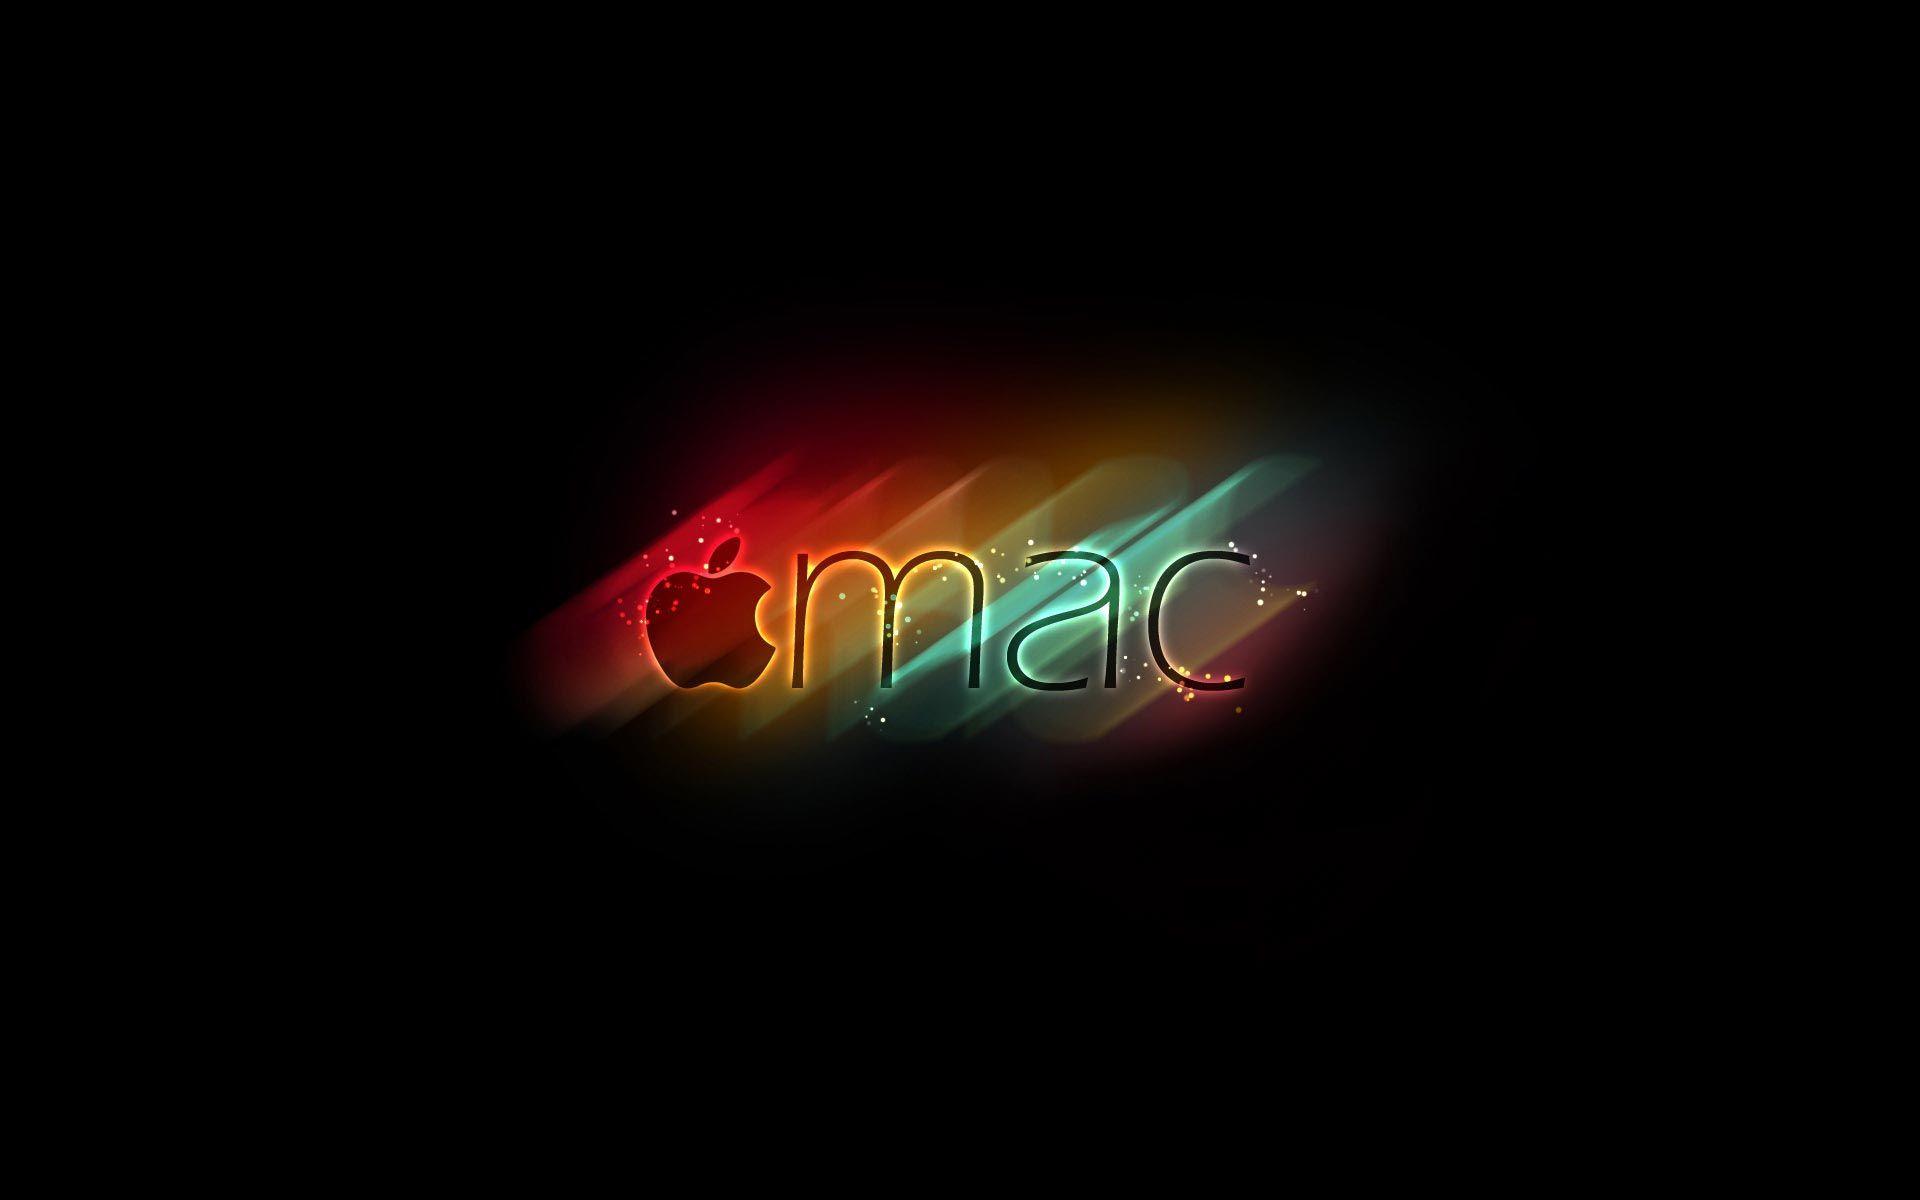 macbook pro desktop wallpaper |  , wallpaper, macbook pro